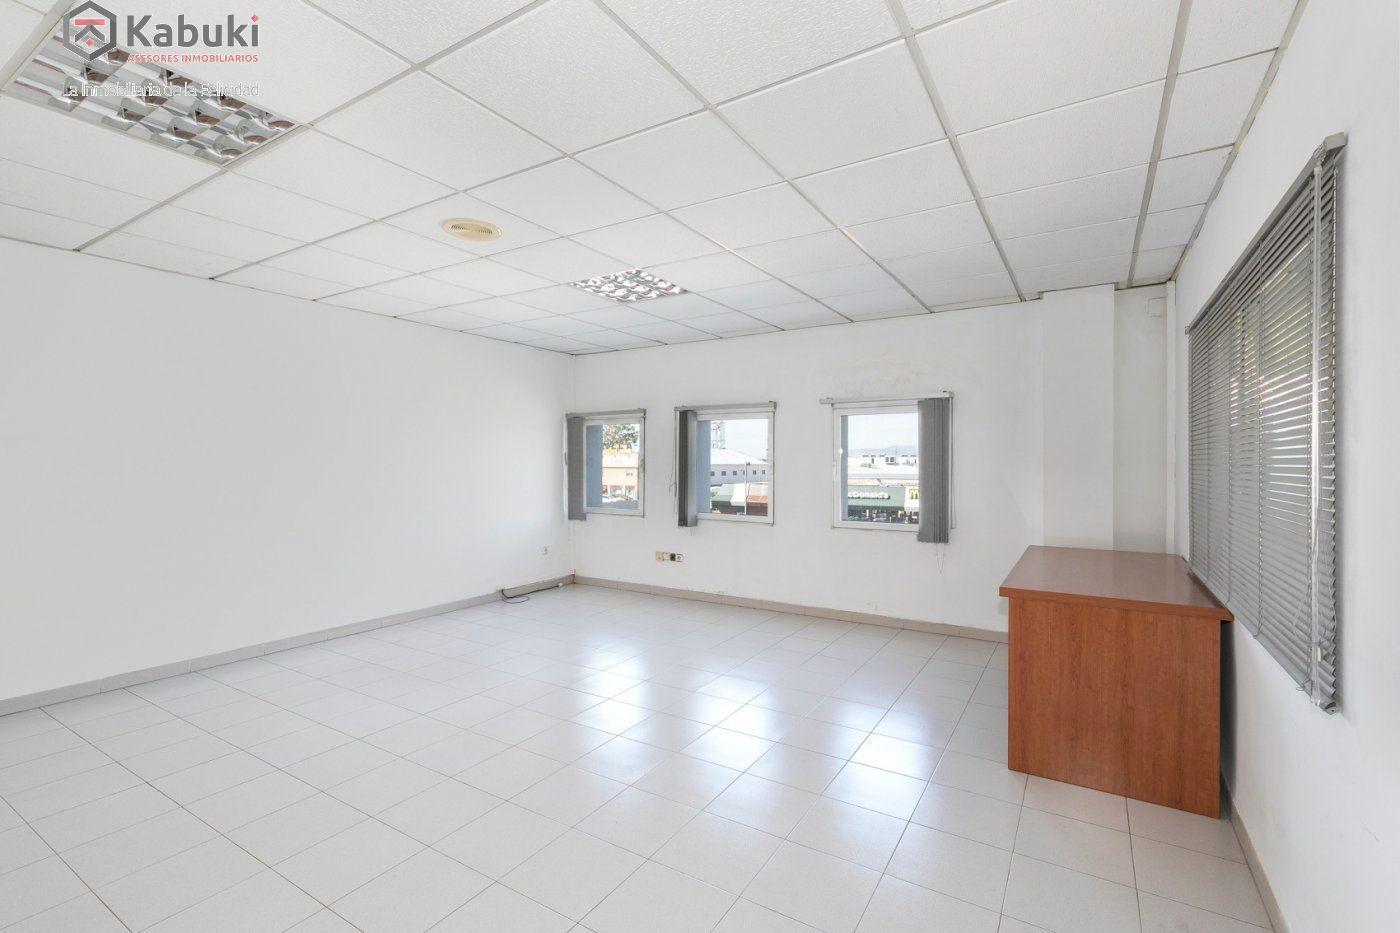 Magnífica oficina luminosa con un inmejorable acceso desde la circunvalación - imagenInmueble11